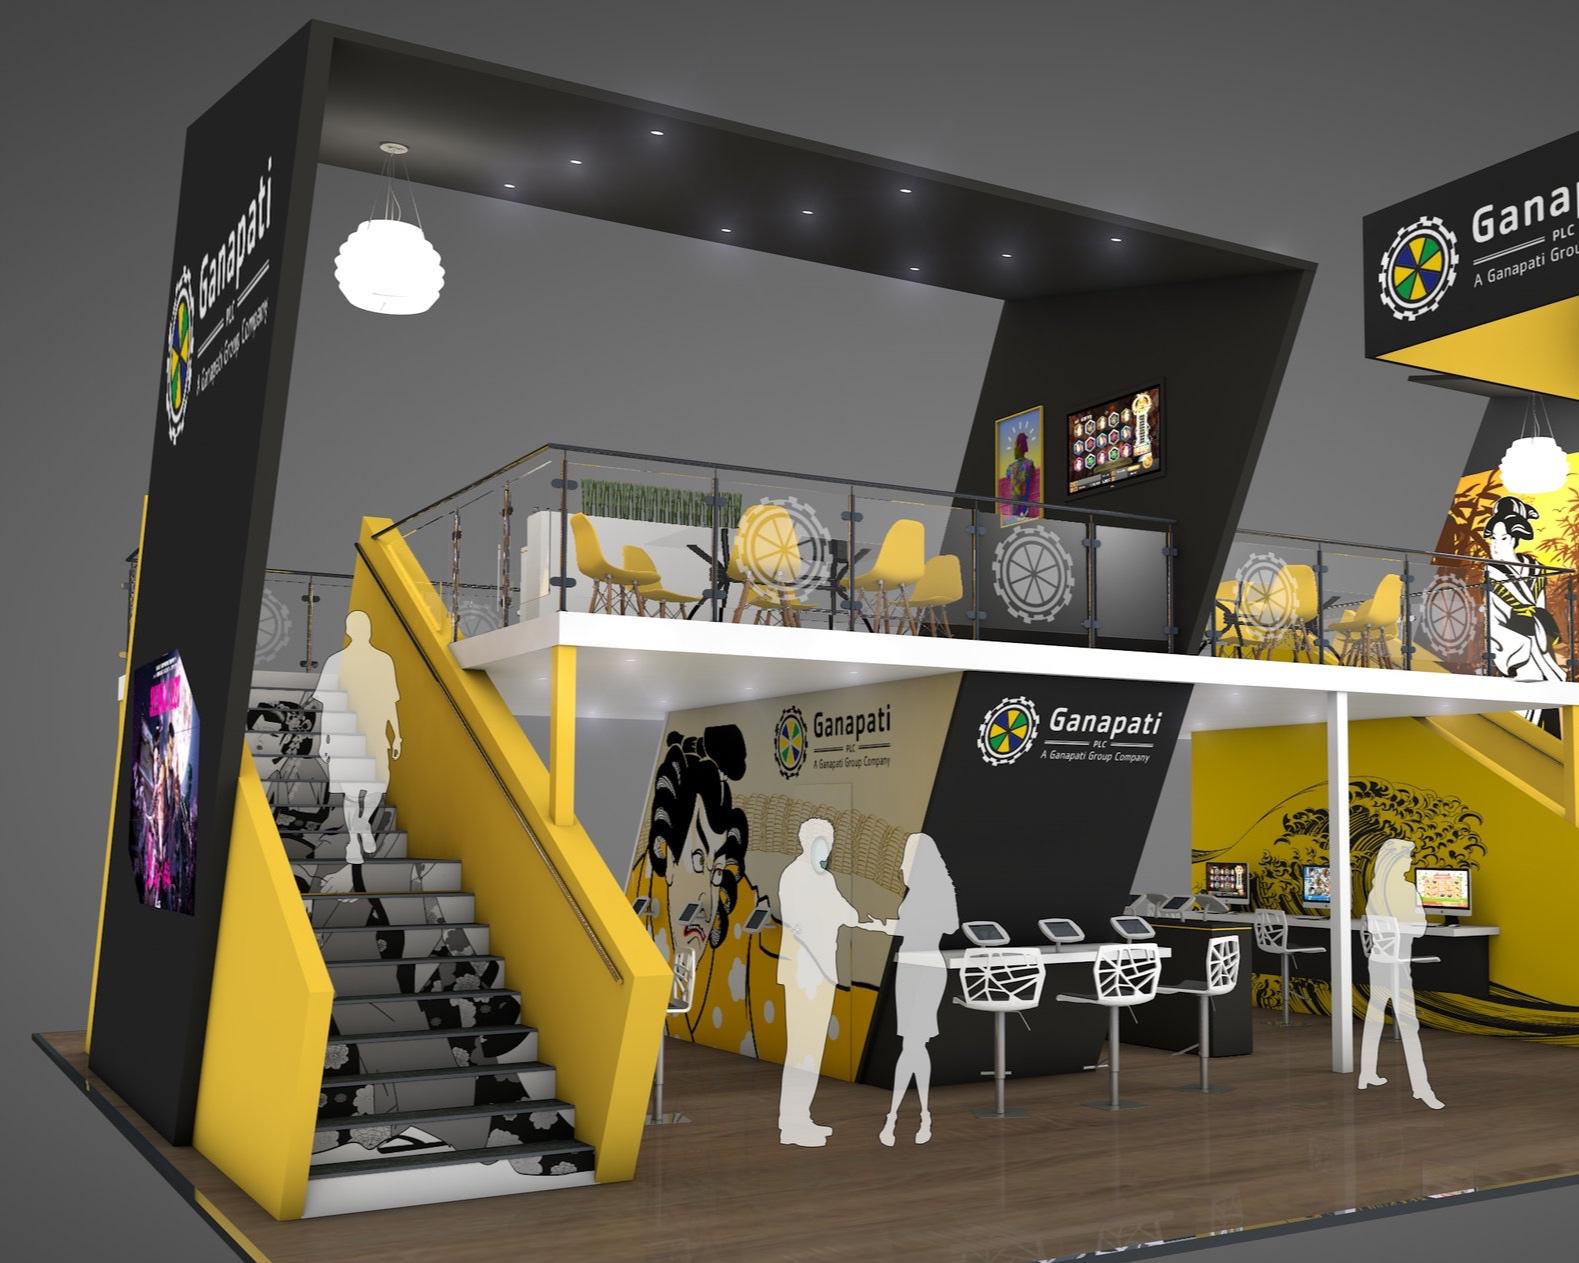 Ganapati+Exhibition+Stand